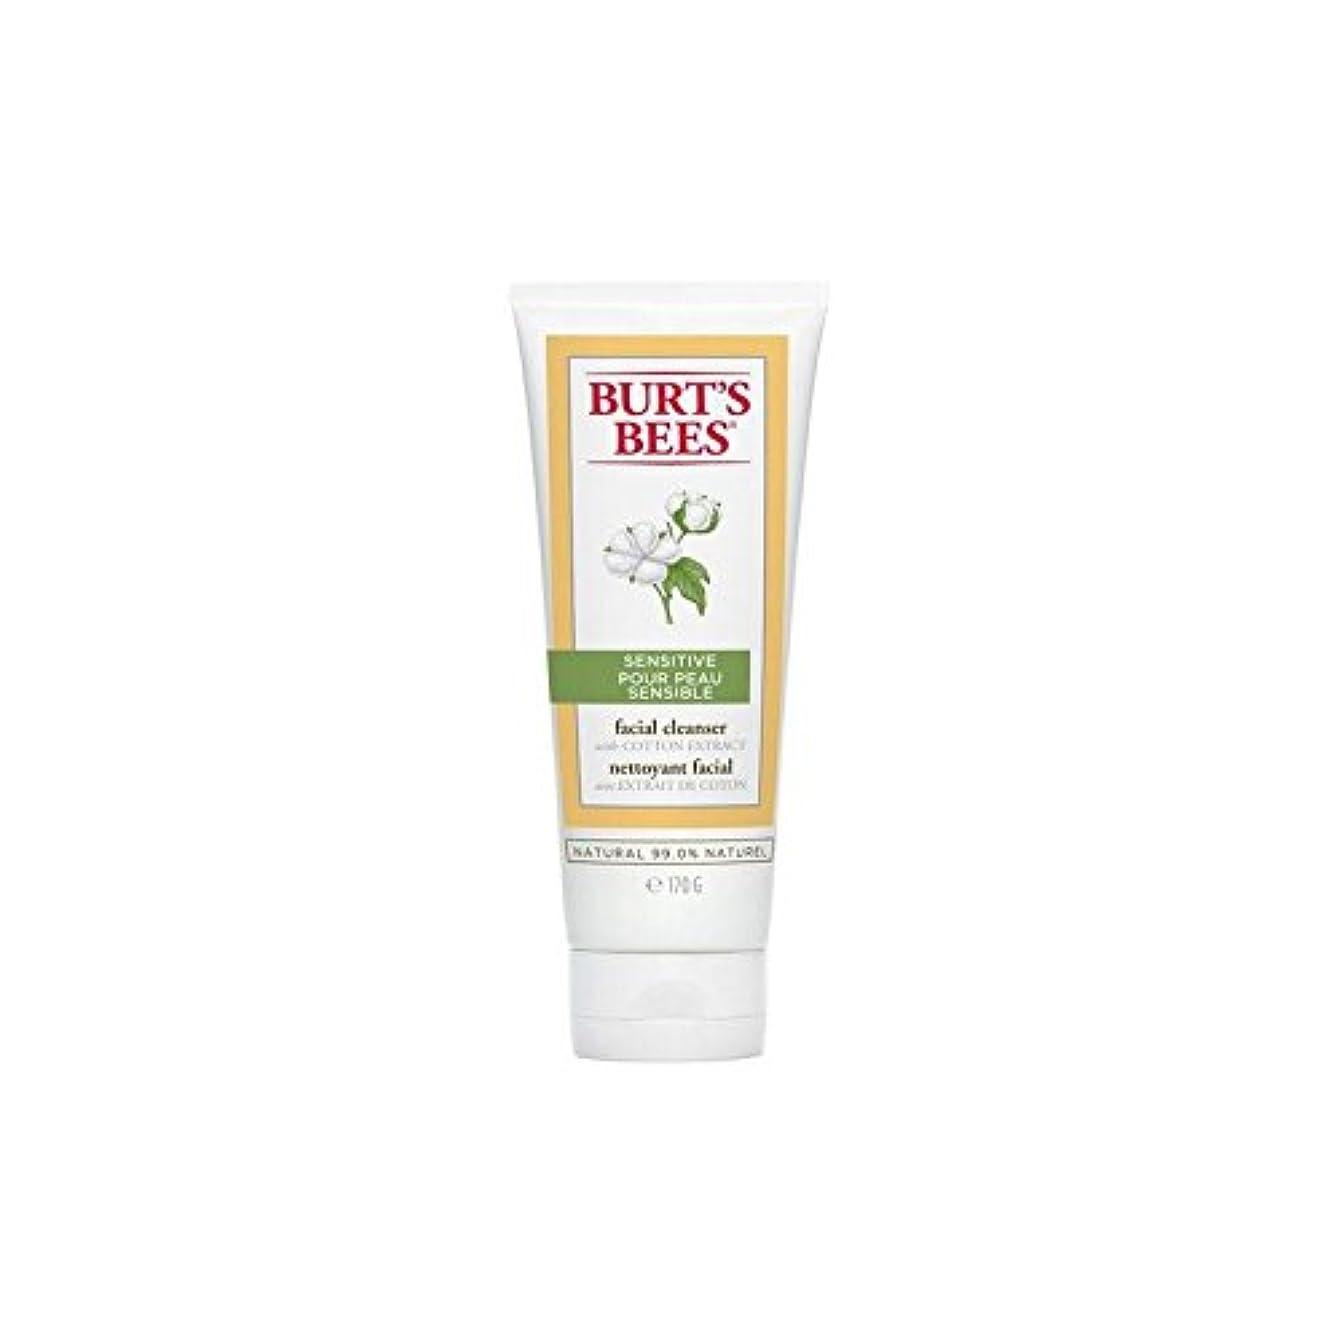 債務者保安組み合わせバーツビー敏感な洗顔料の170グラム x4 - Burt's Bees Sensitive Facial Cleanser 170G (Pack of 4) [並行輸入品]